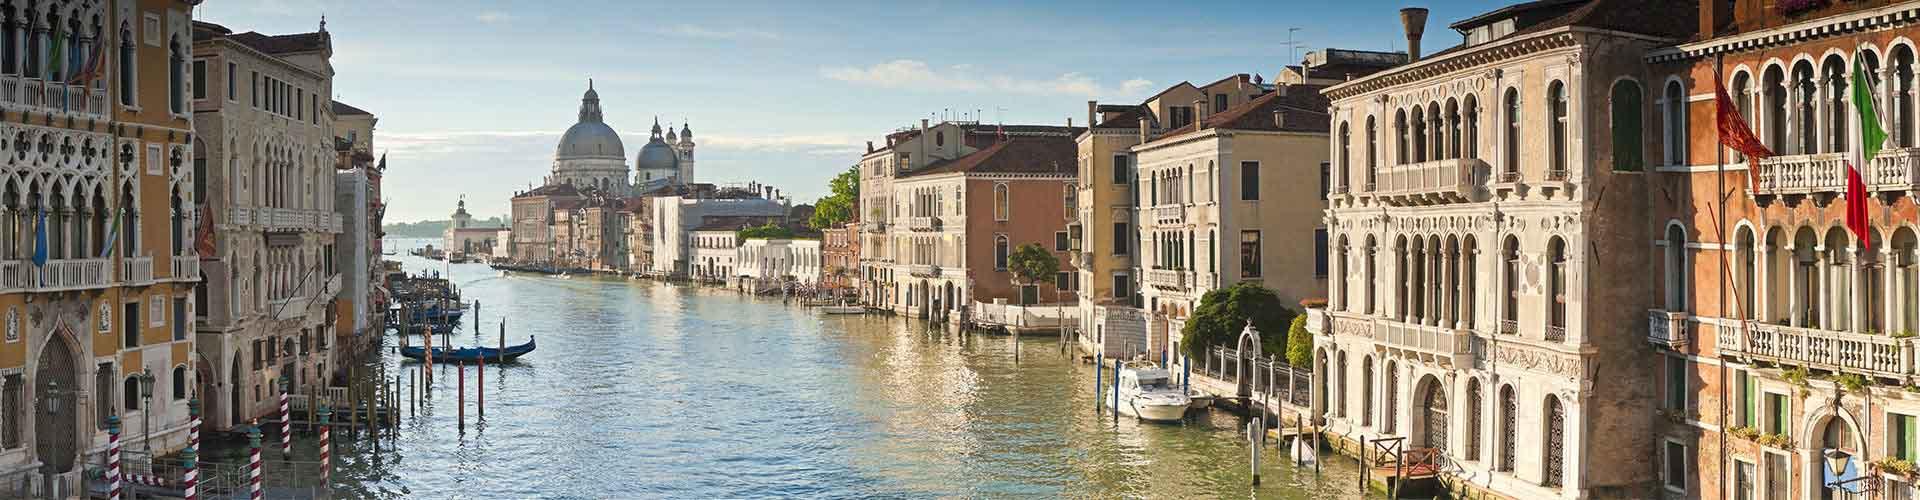 Veneza – Albergues no bairro de Dorsoduro, S. Polo, S. Cruz, Giudecca, Sack Fisola . Mapas para Veneza, Fotos e Avaliações para cada Albergue em Veneza.